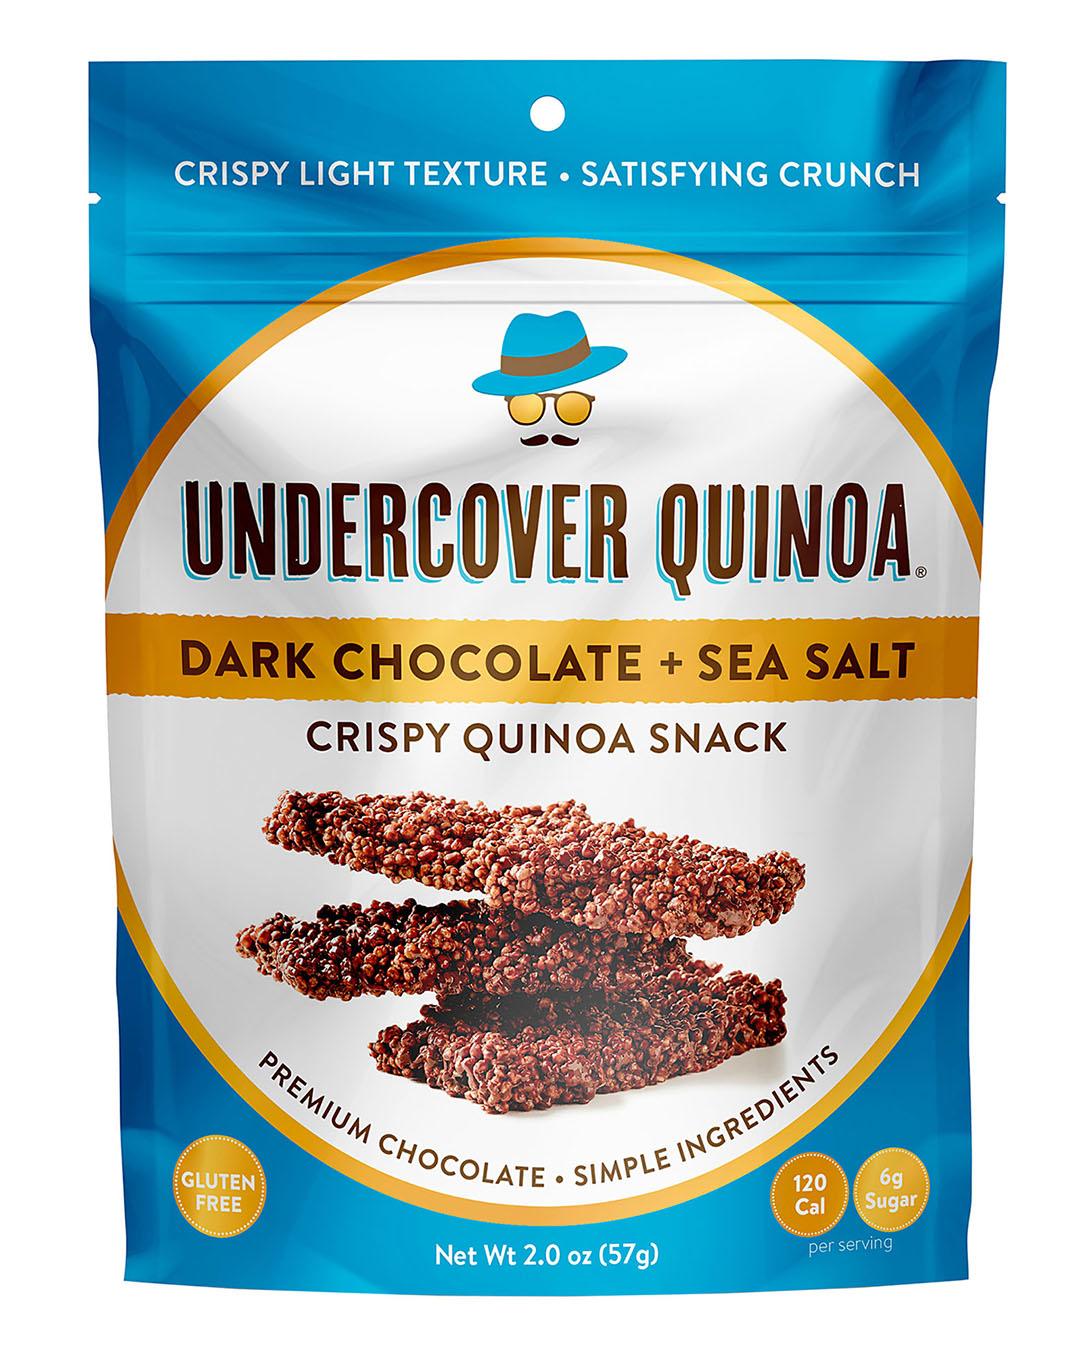 undercover quinoa dark chocolate and sea salt snack